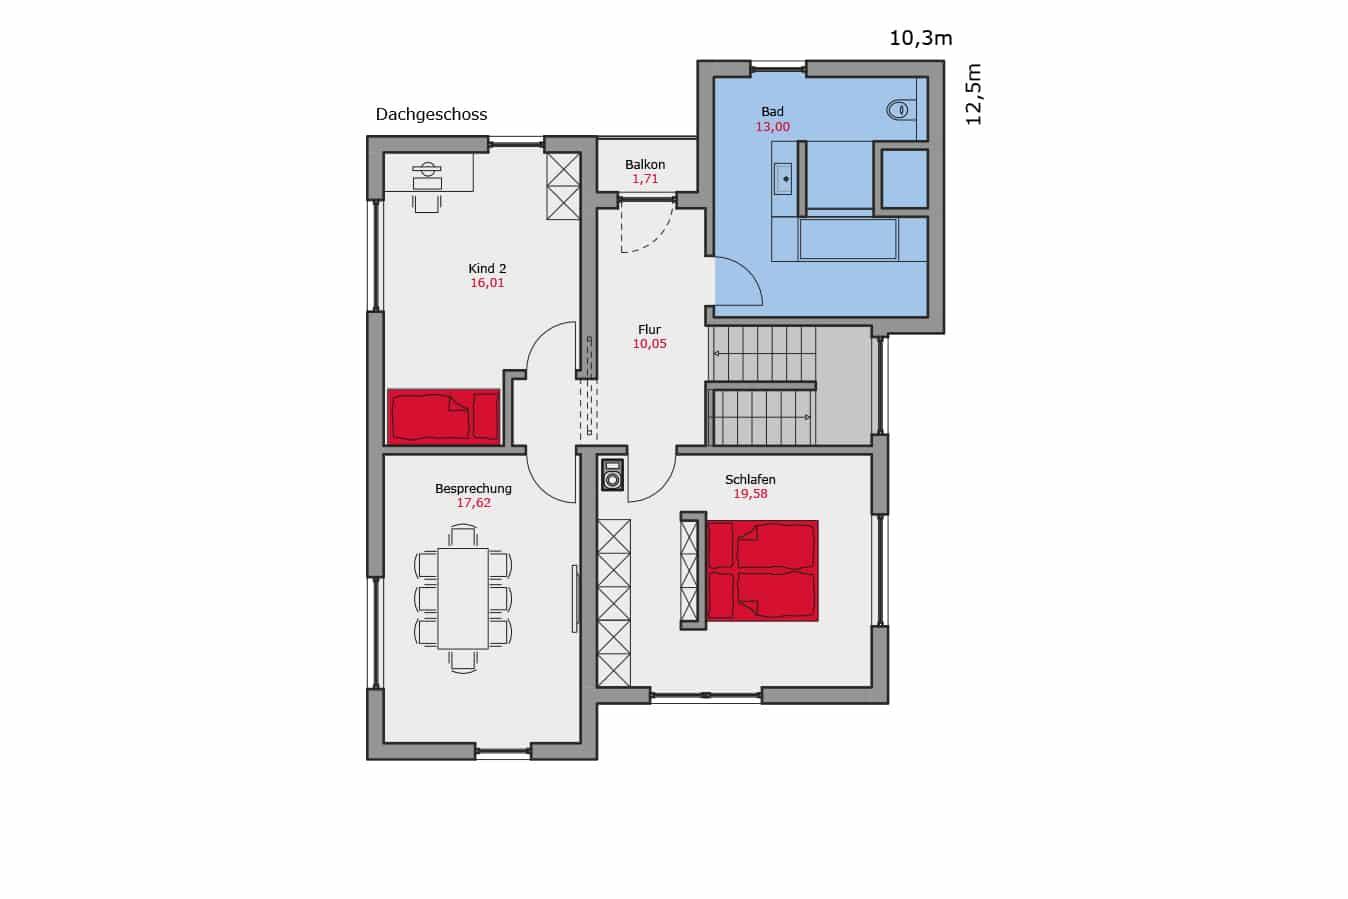 TALBAU-Haus_Musterhaus_Günzburg_Dachgeschoss_Grundriss_Fertighaus